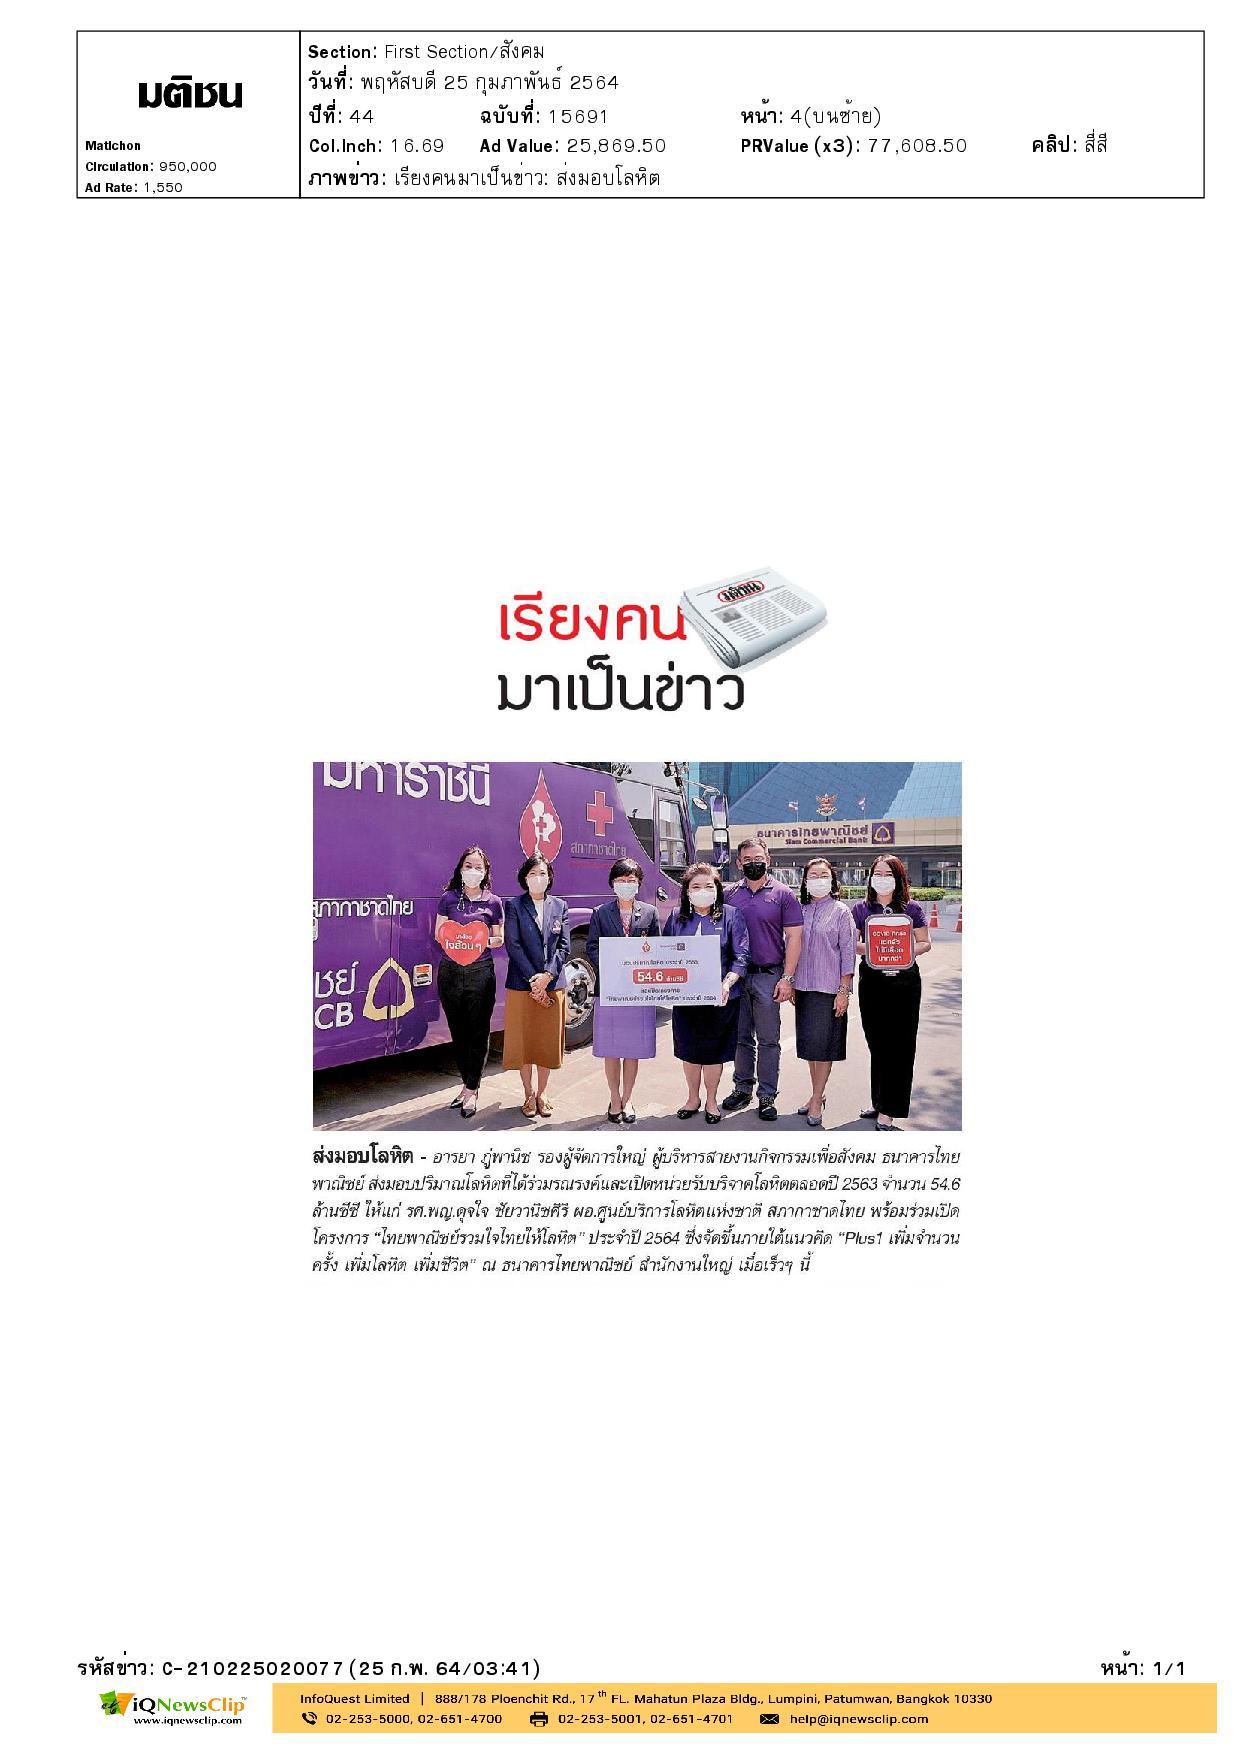 """บริจาคโลหิต ในโครงการ """"ไทยพาณิชย์รวมใจไทยให้โลหิต"""""""